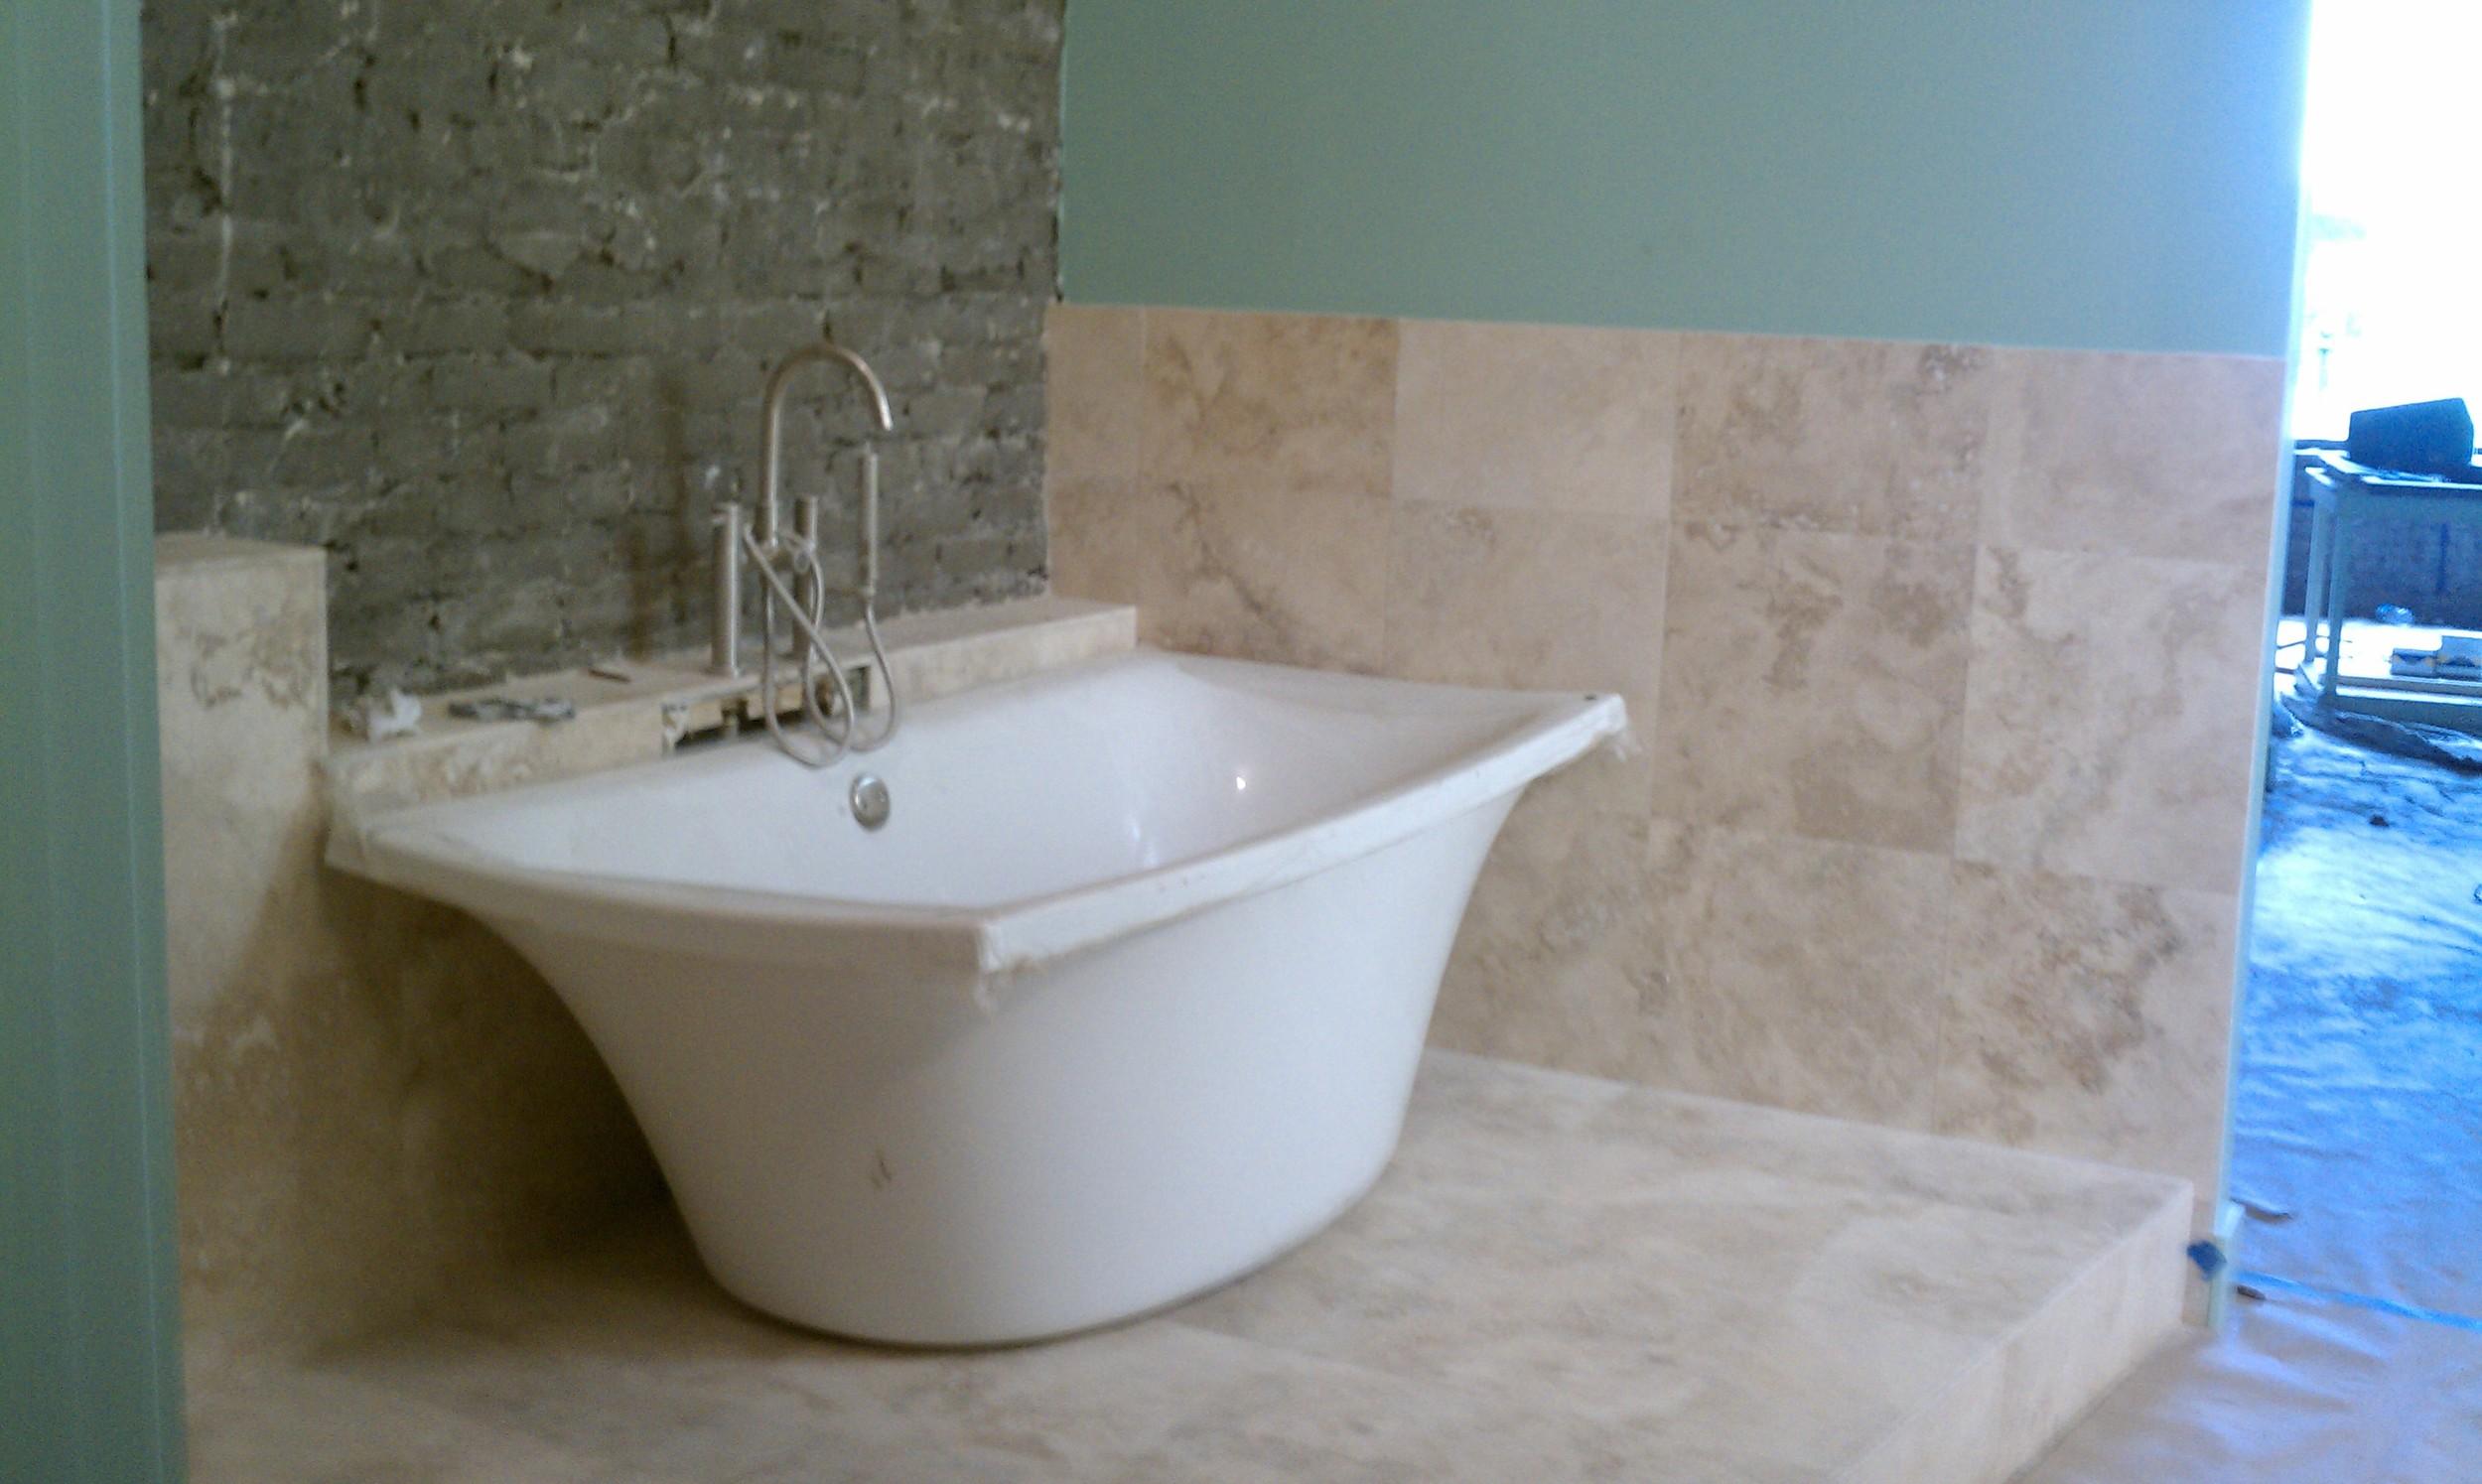 The SCUBA Tub